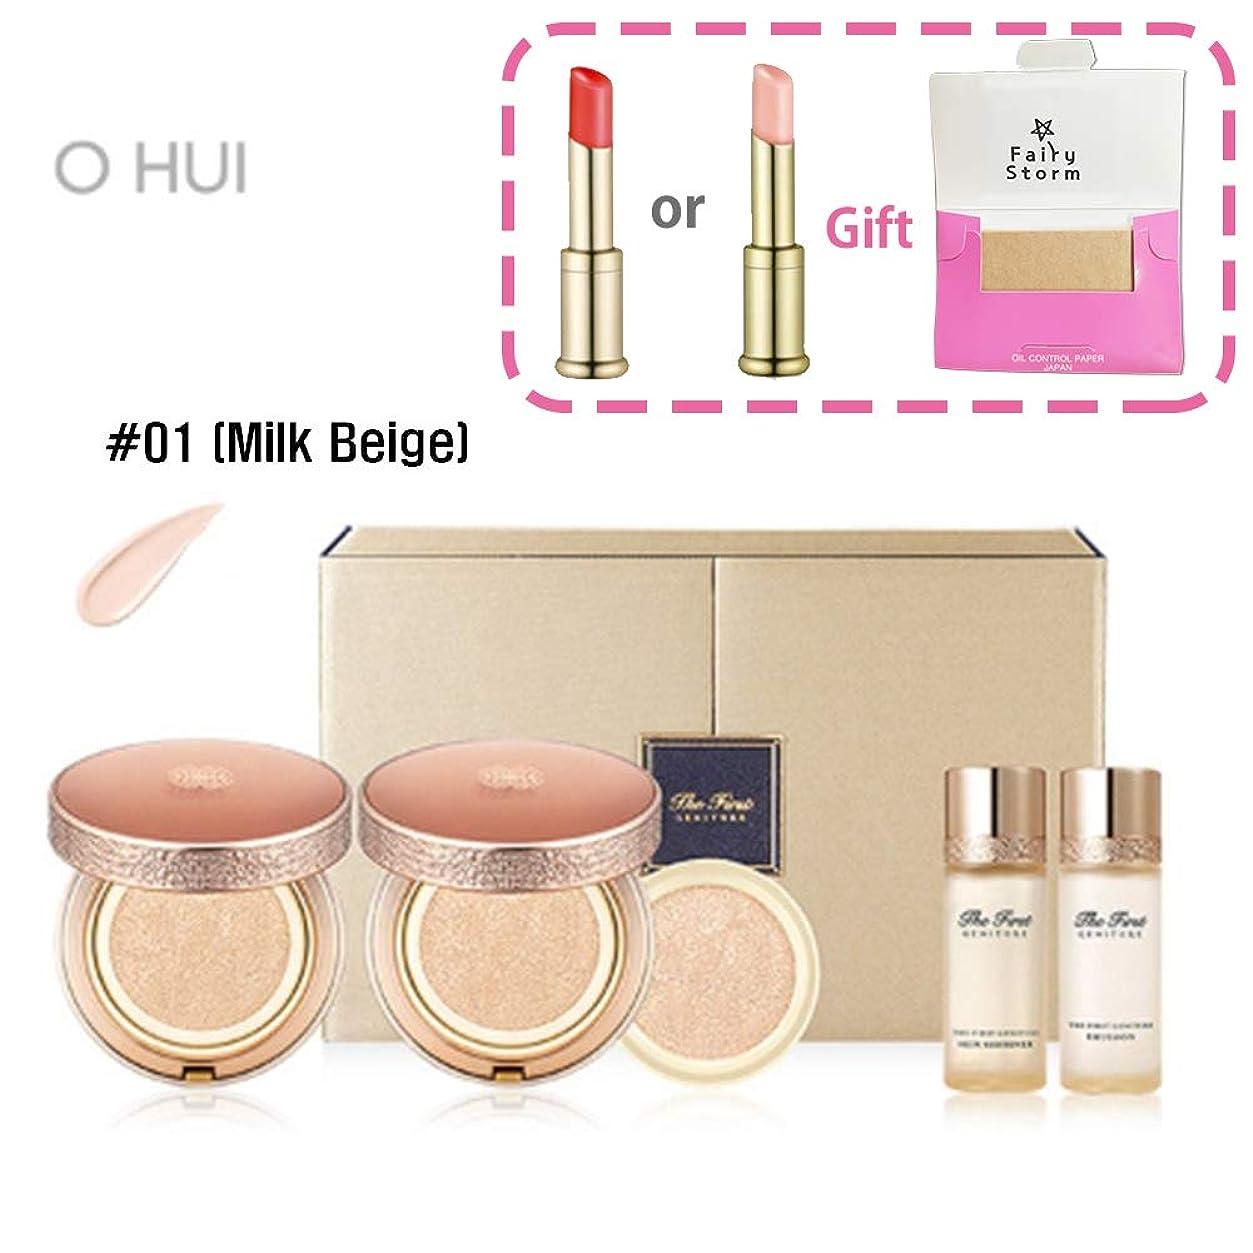 珍味ミシン残り[オフィス/O HUI] OHUI The First GENITURE Ampoule Cover Cushion Duo Special Limited Set #01 (Milk Beige)/The GENITUREアンプルカバークッションデュオスペシャル限定セット#01(ミルクベージュ)+[Sample Gift](海外直送品)